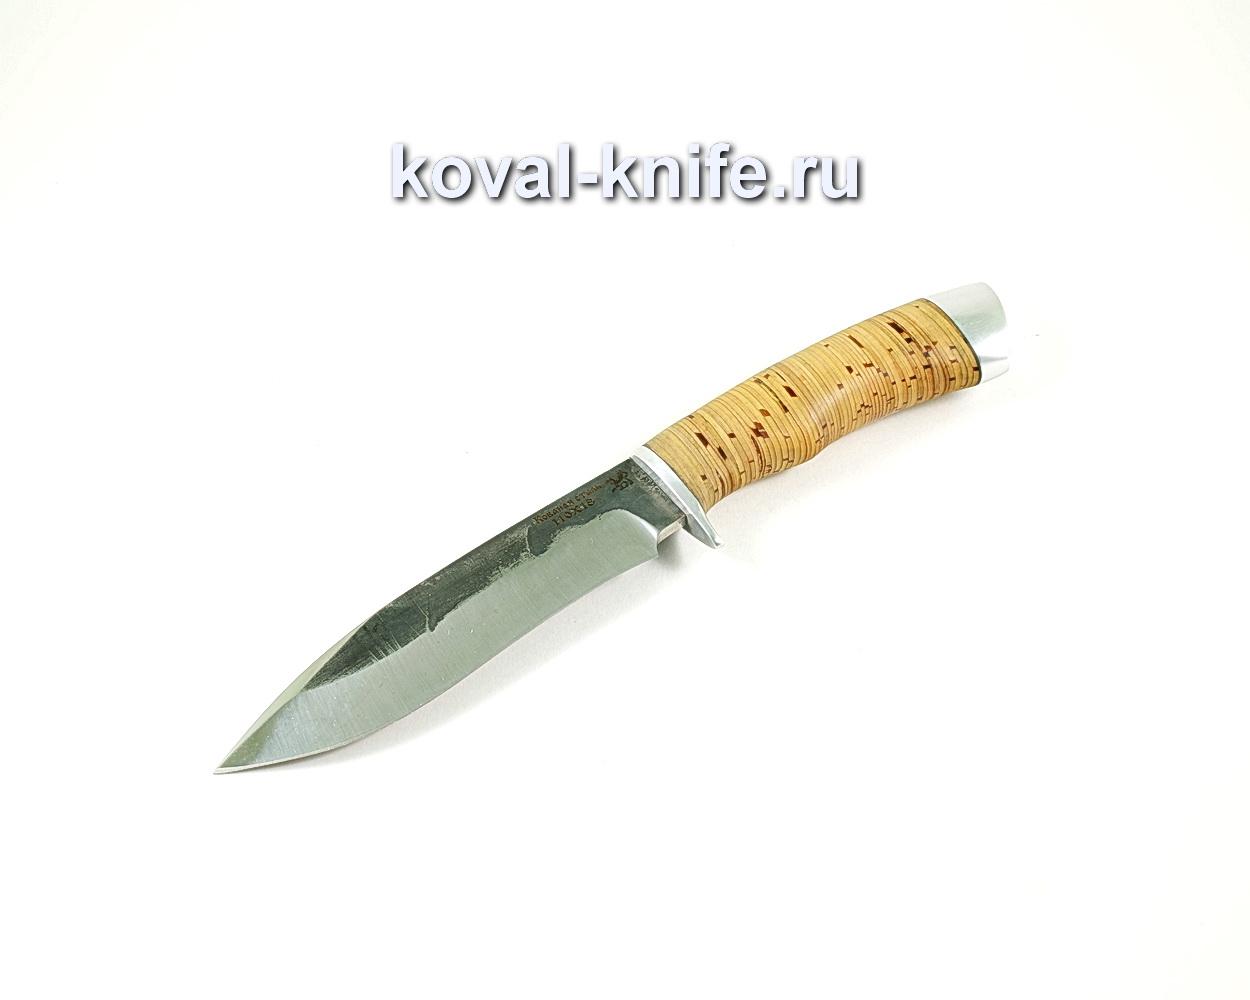 Нож Орлан (сталь 110х18), рукоять береста A223